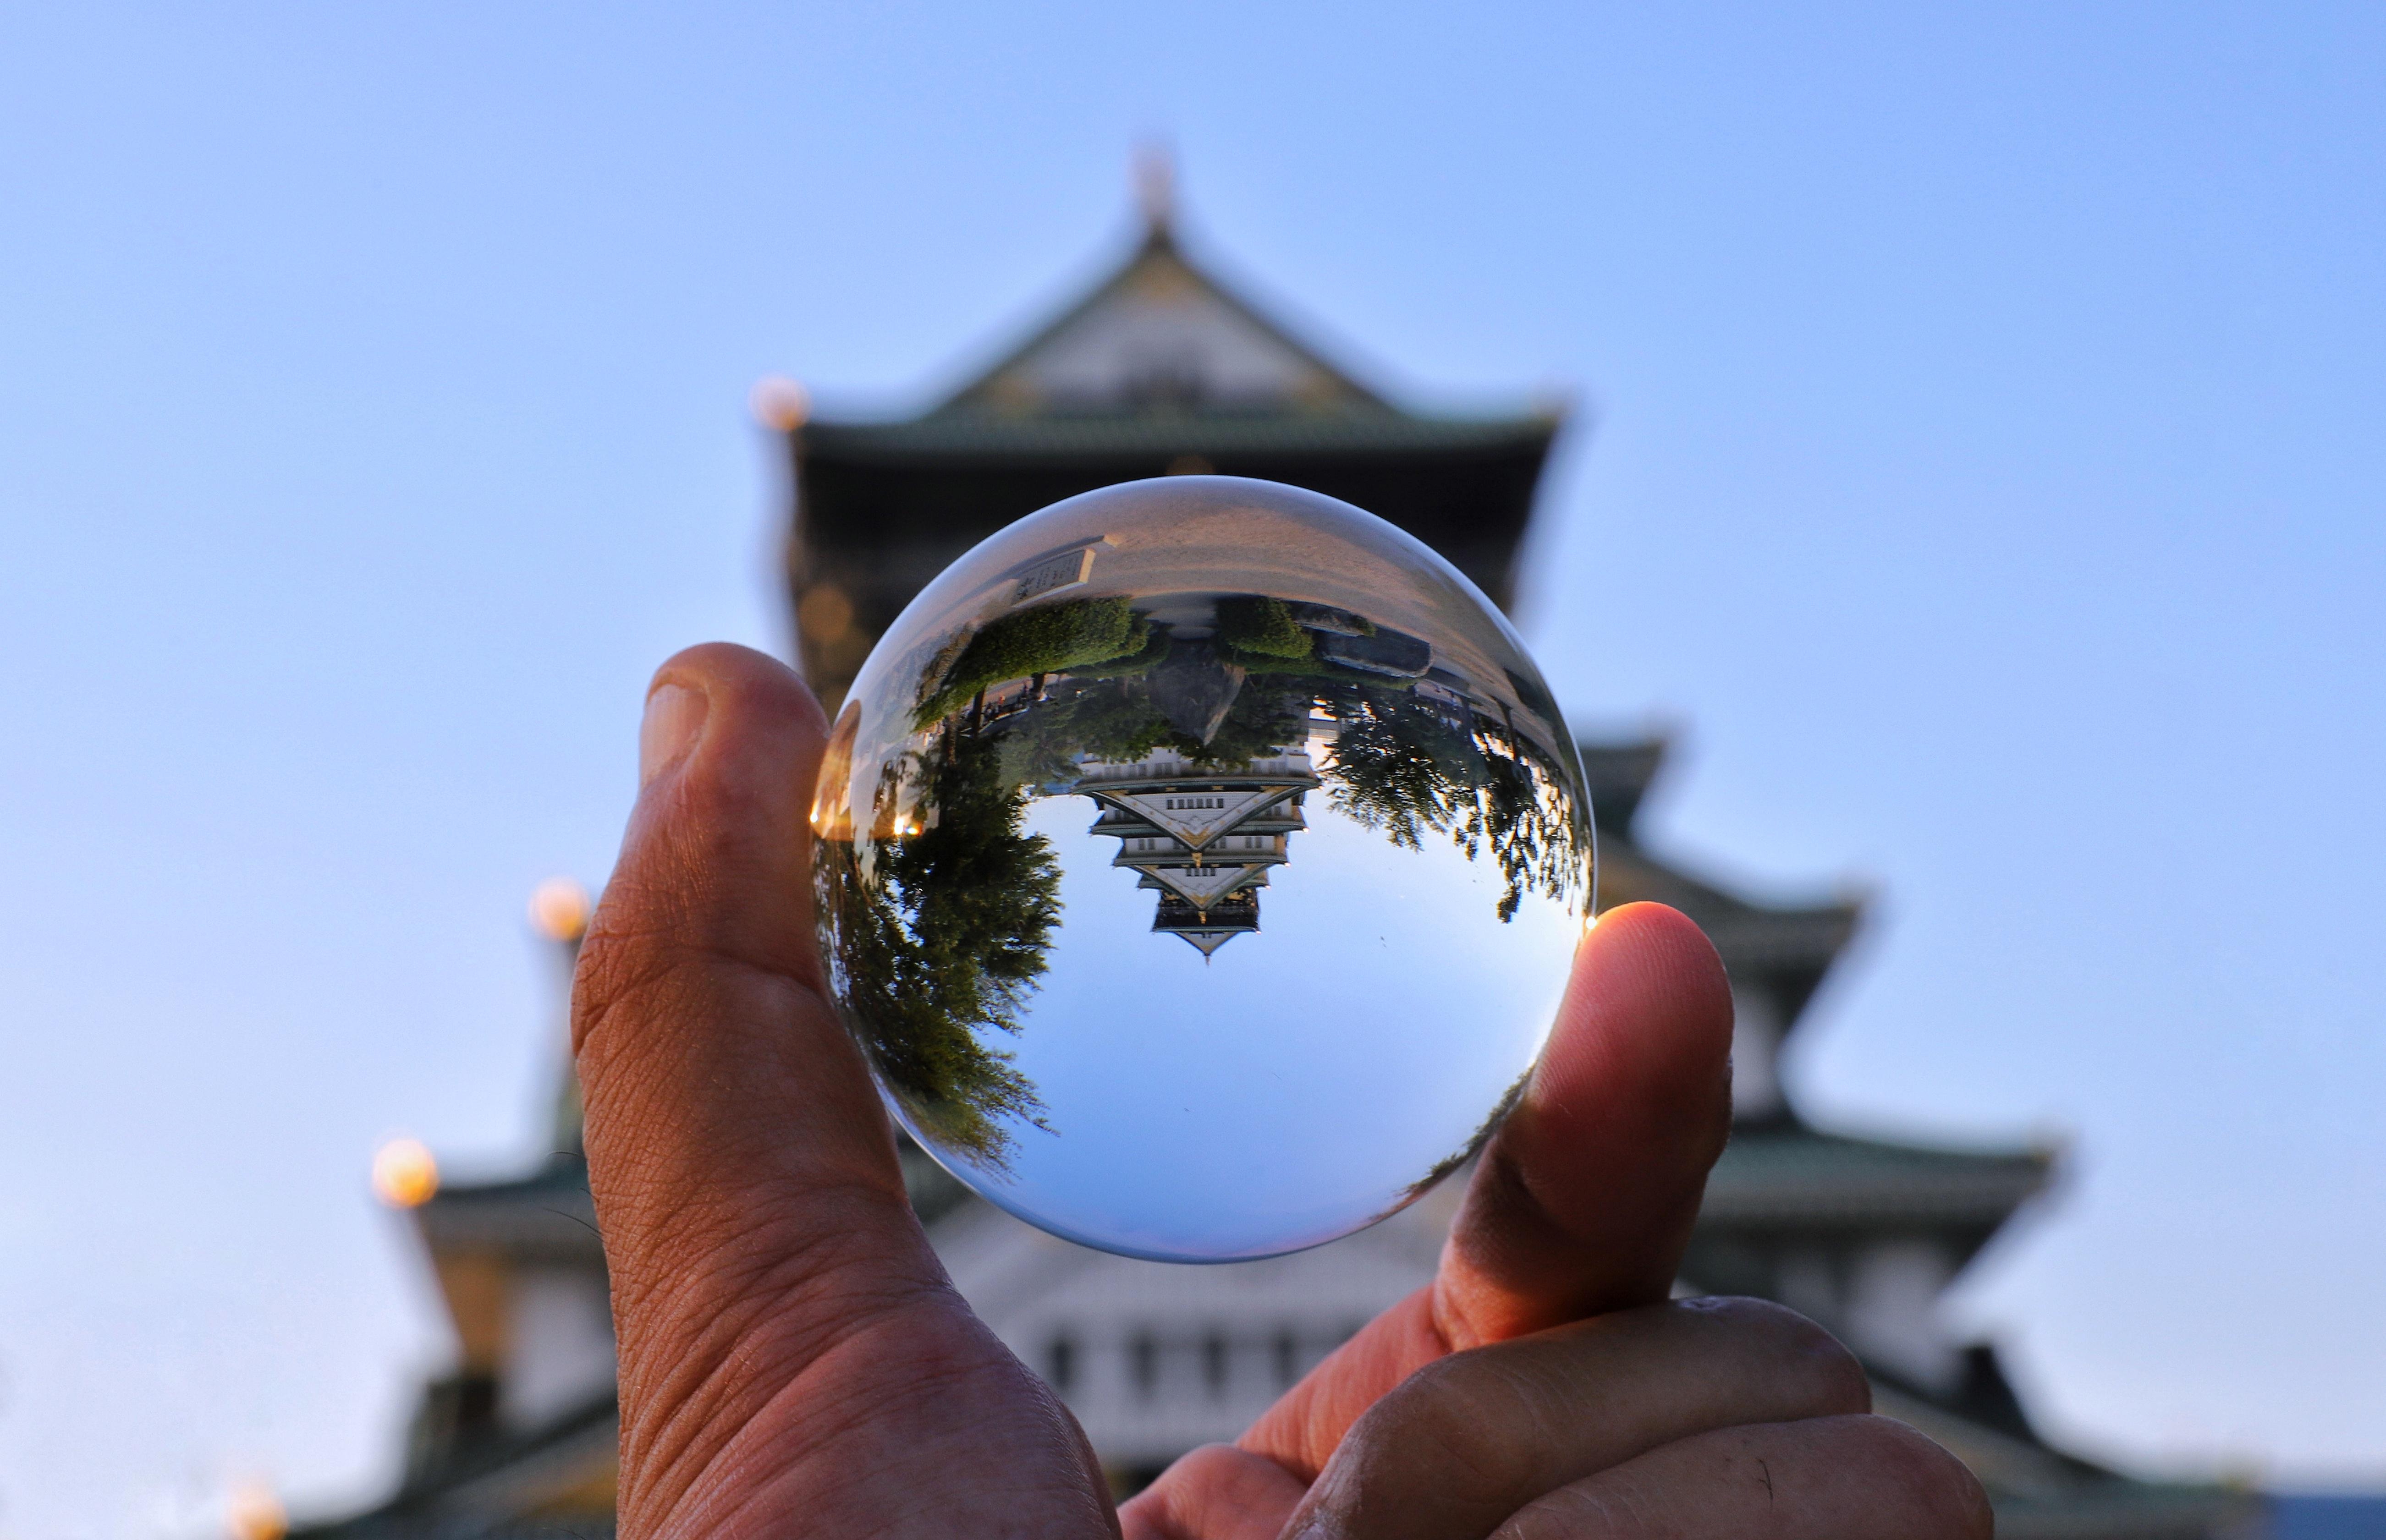 九州国立博物館(福岡)の見どころを一挙公開!料金・アクセス方法も!